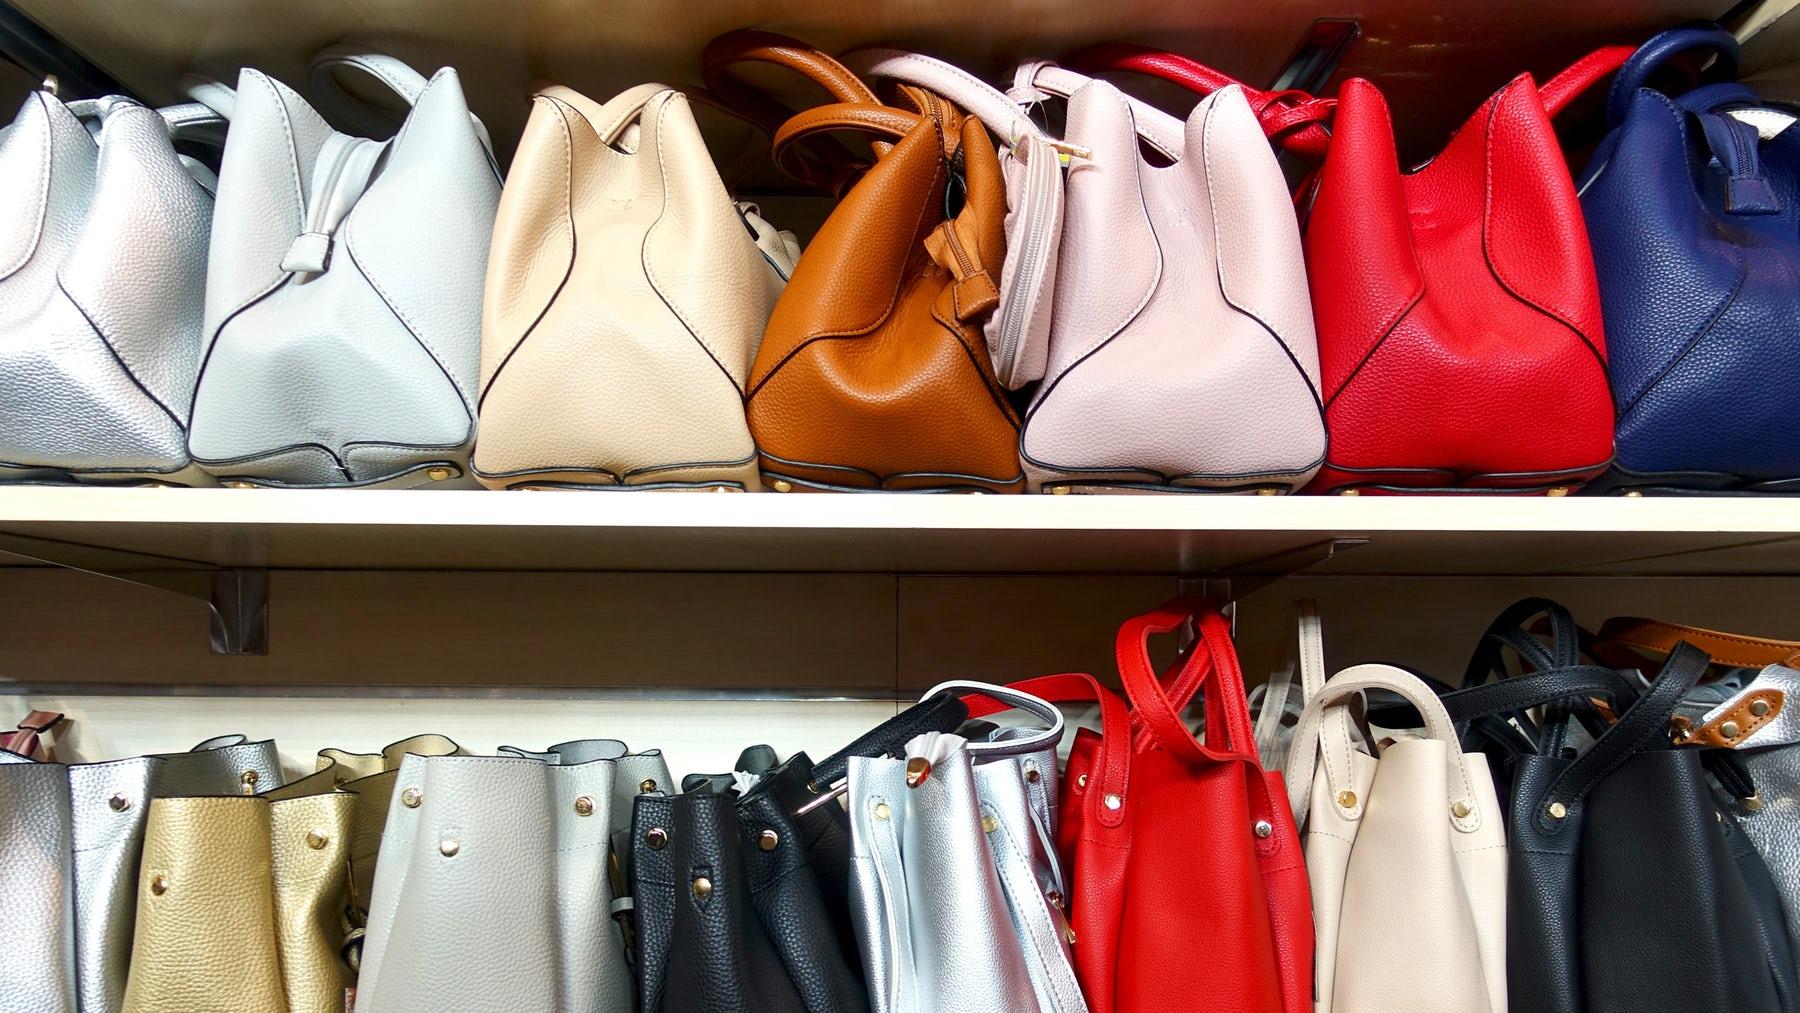 Luxury handbags in a store   Source: Shutterstock